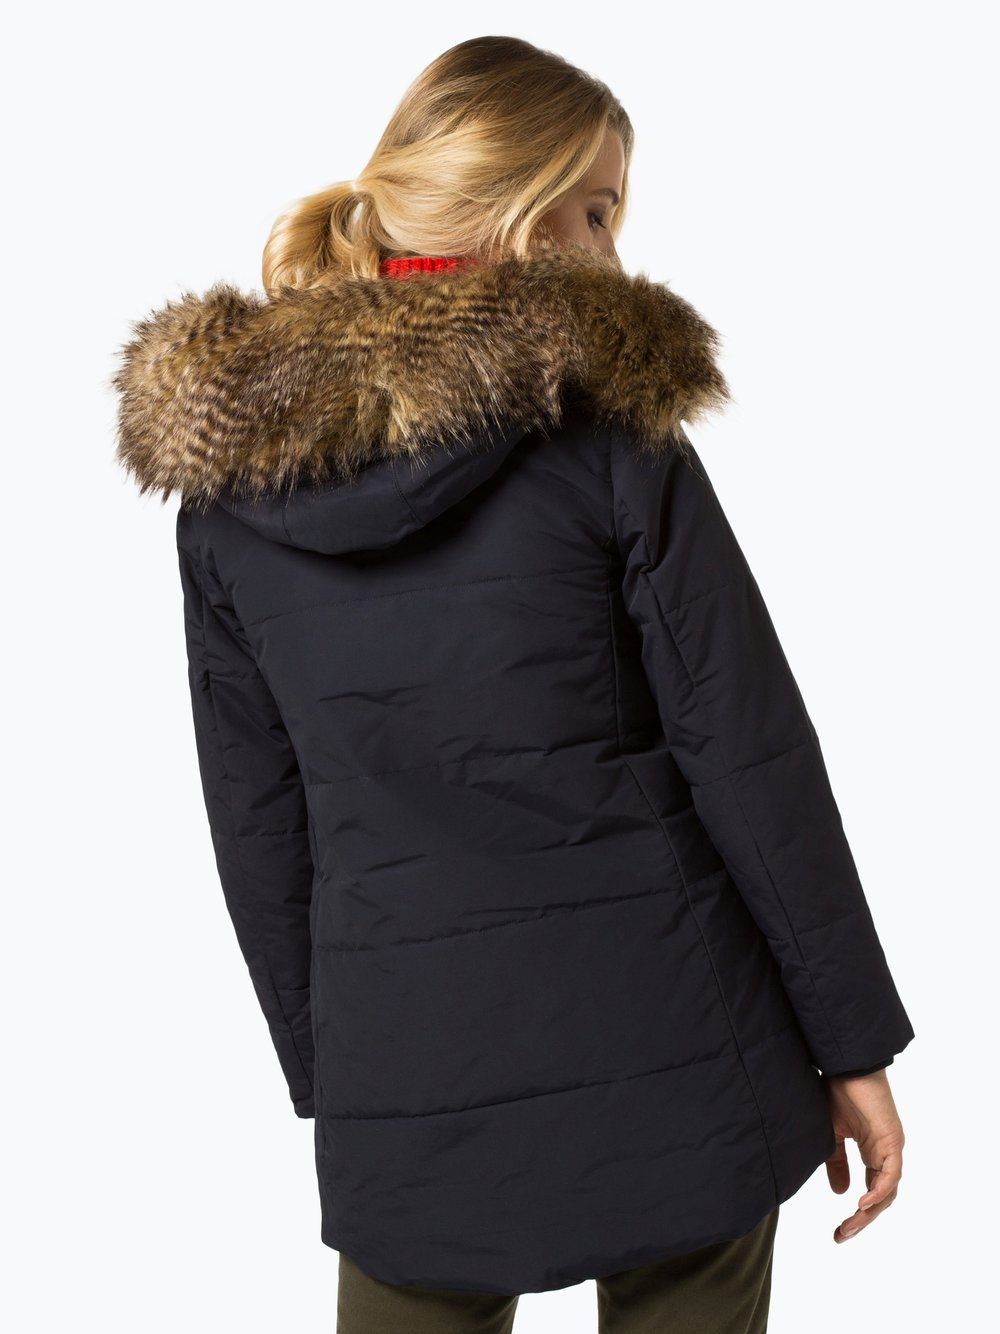 Damen KaufenVangraaf Esprit Casual Jacke Online com bf7gY6y